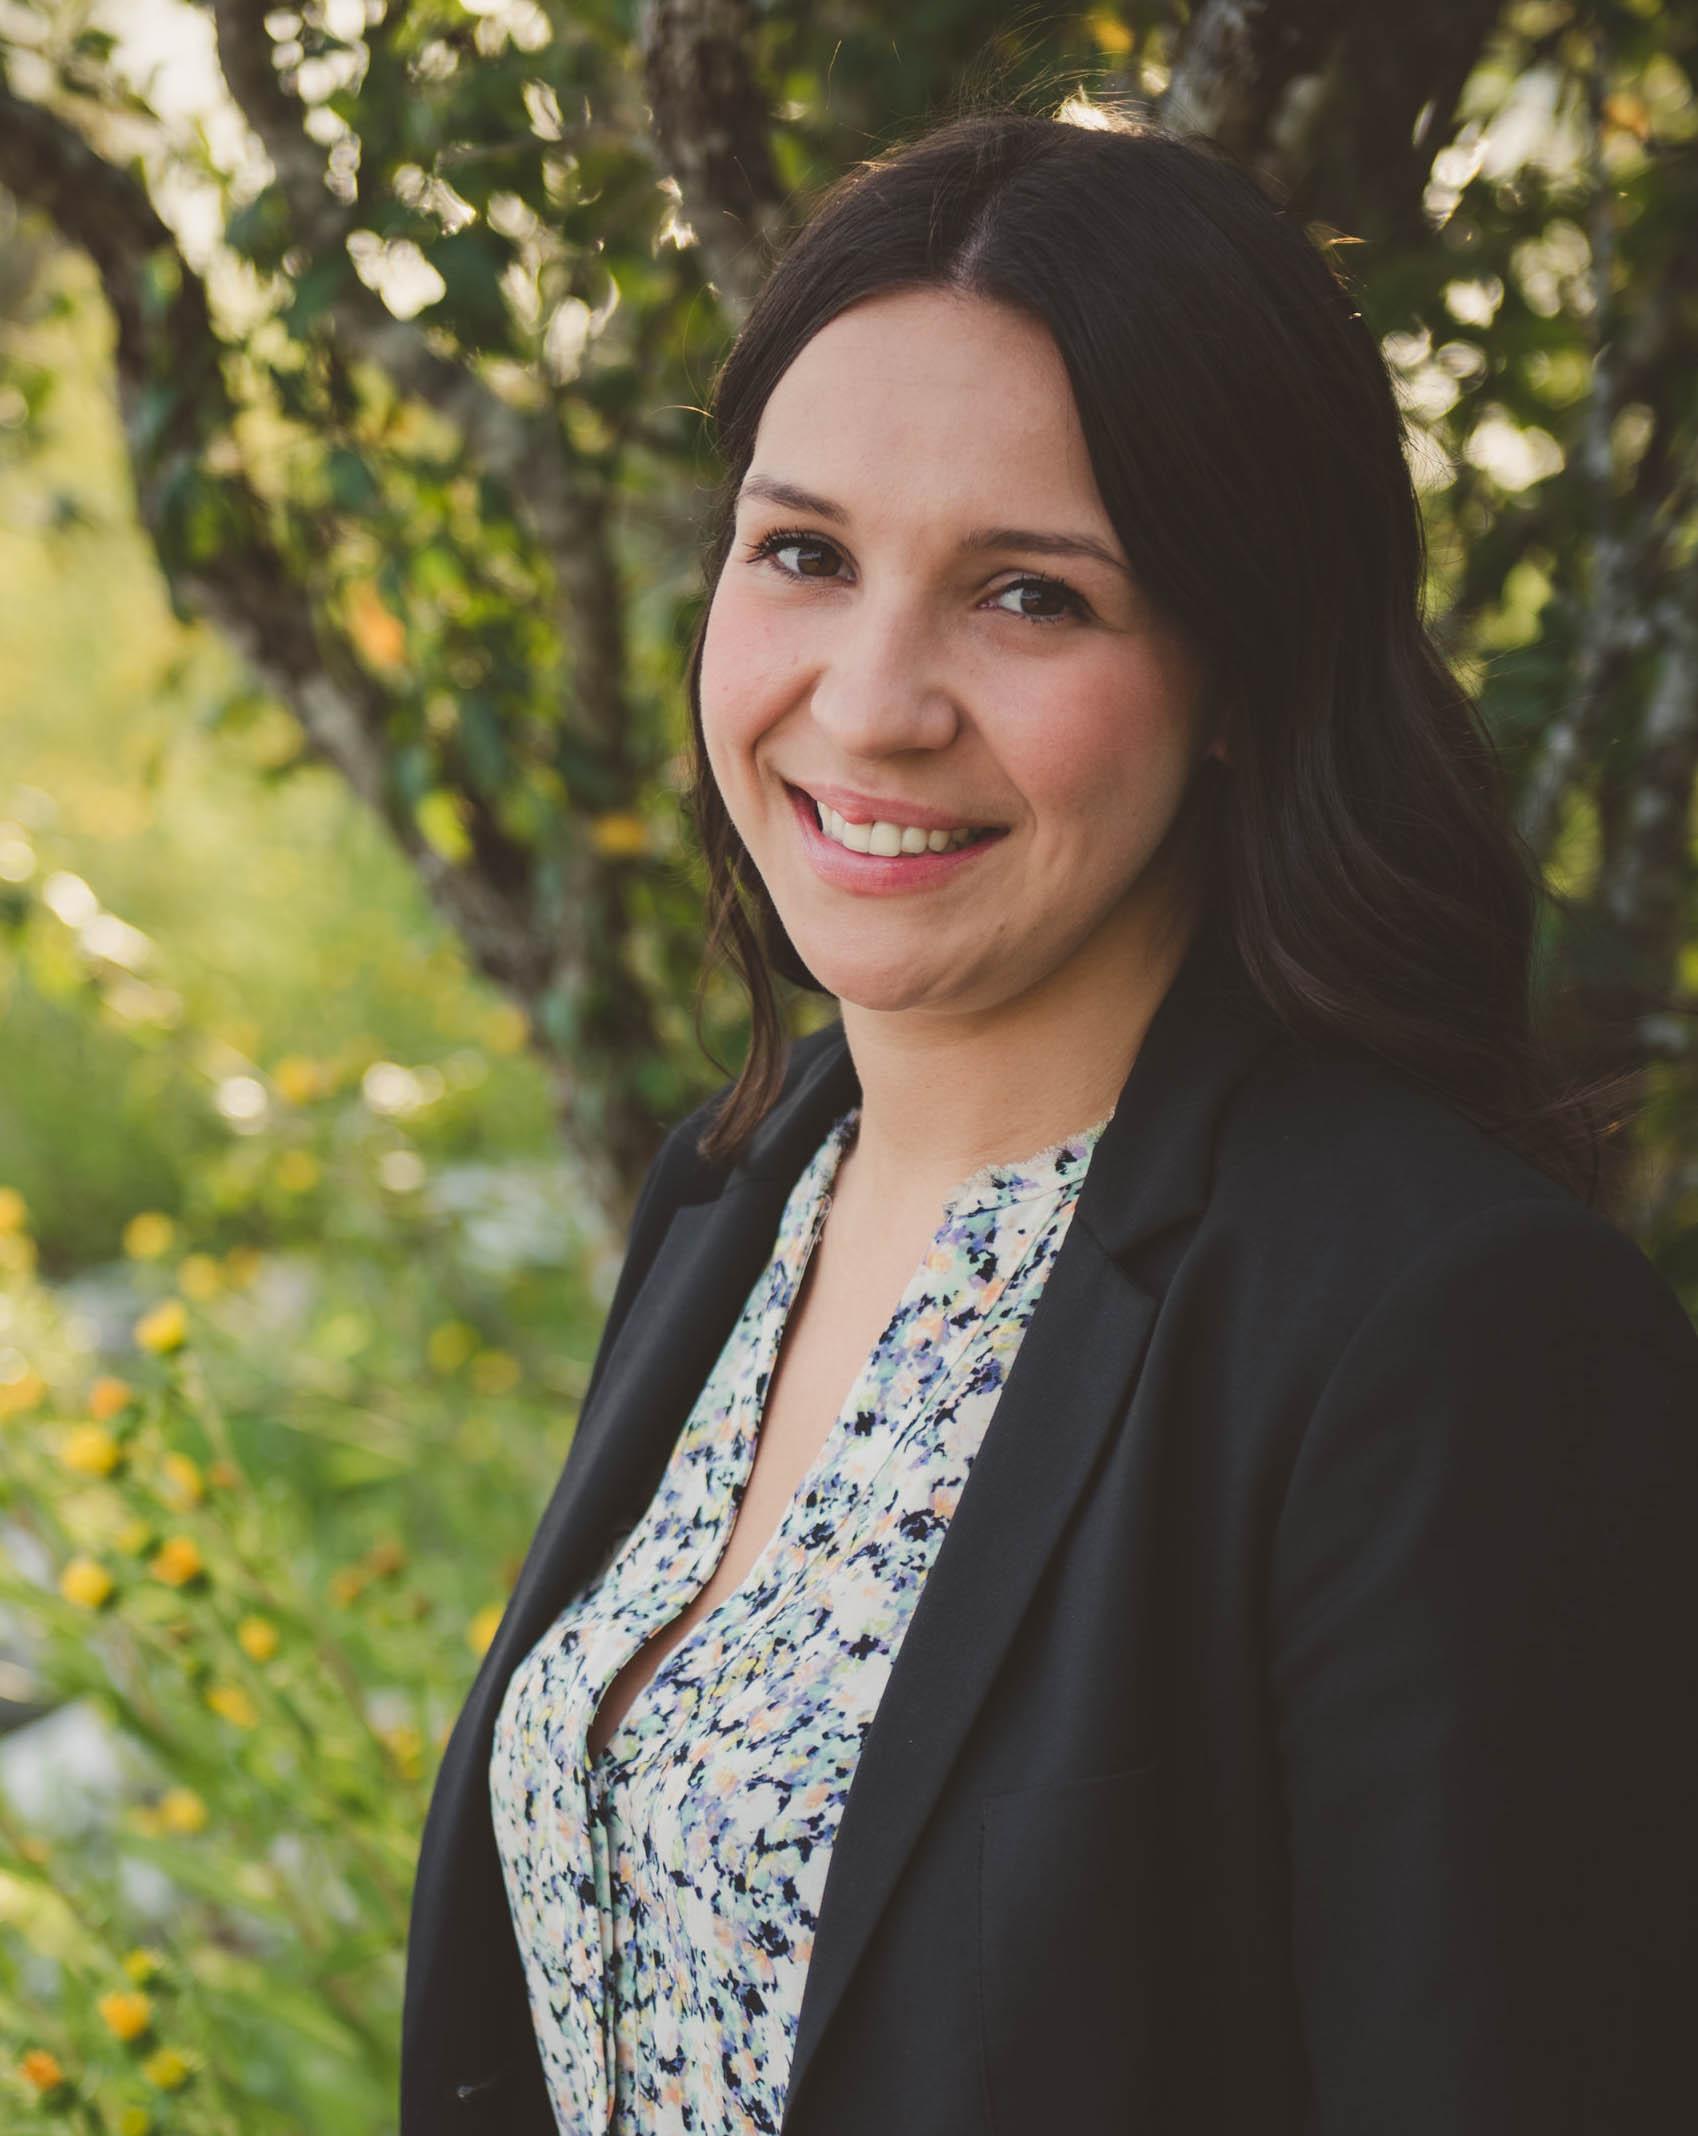 Megan Lacoste